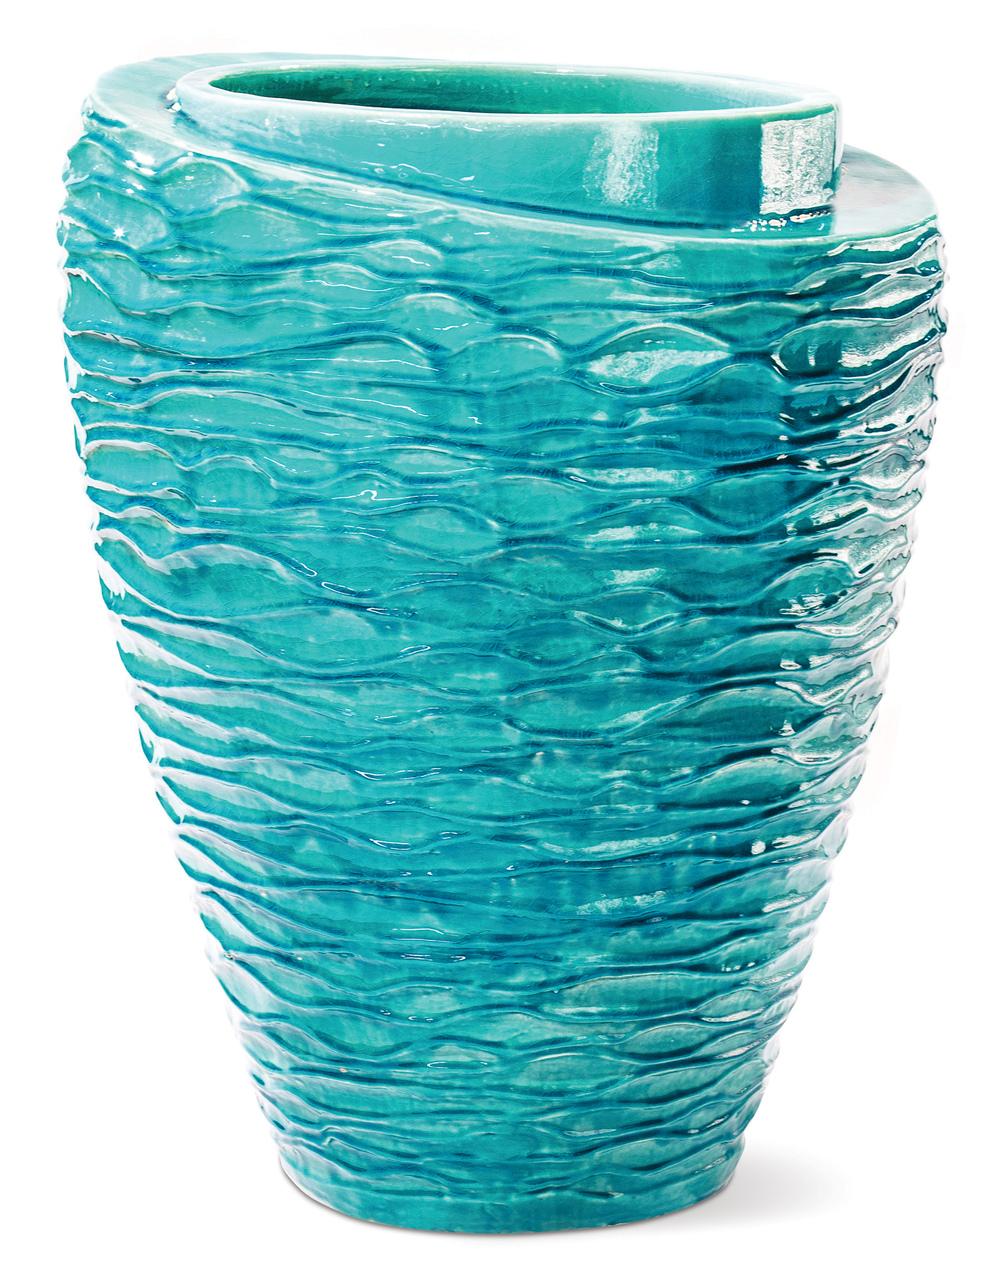 Seasonal Living - Tranche Vase